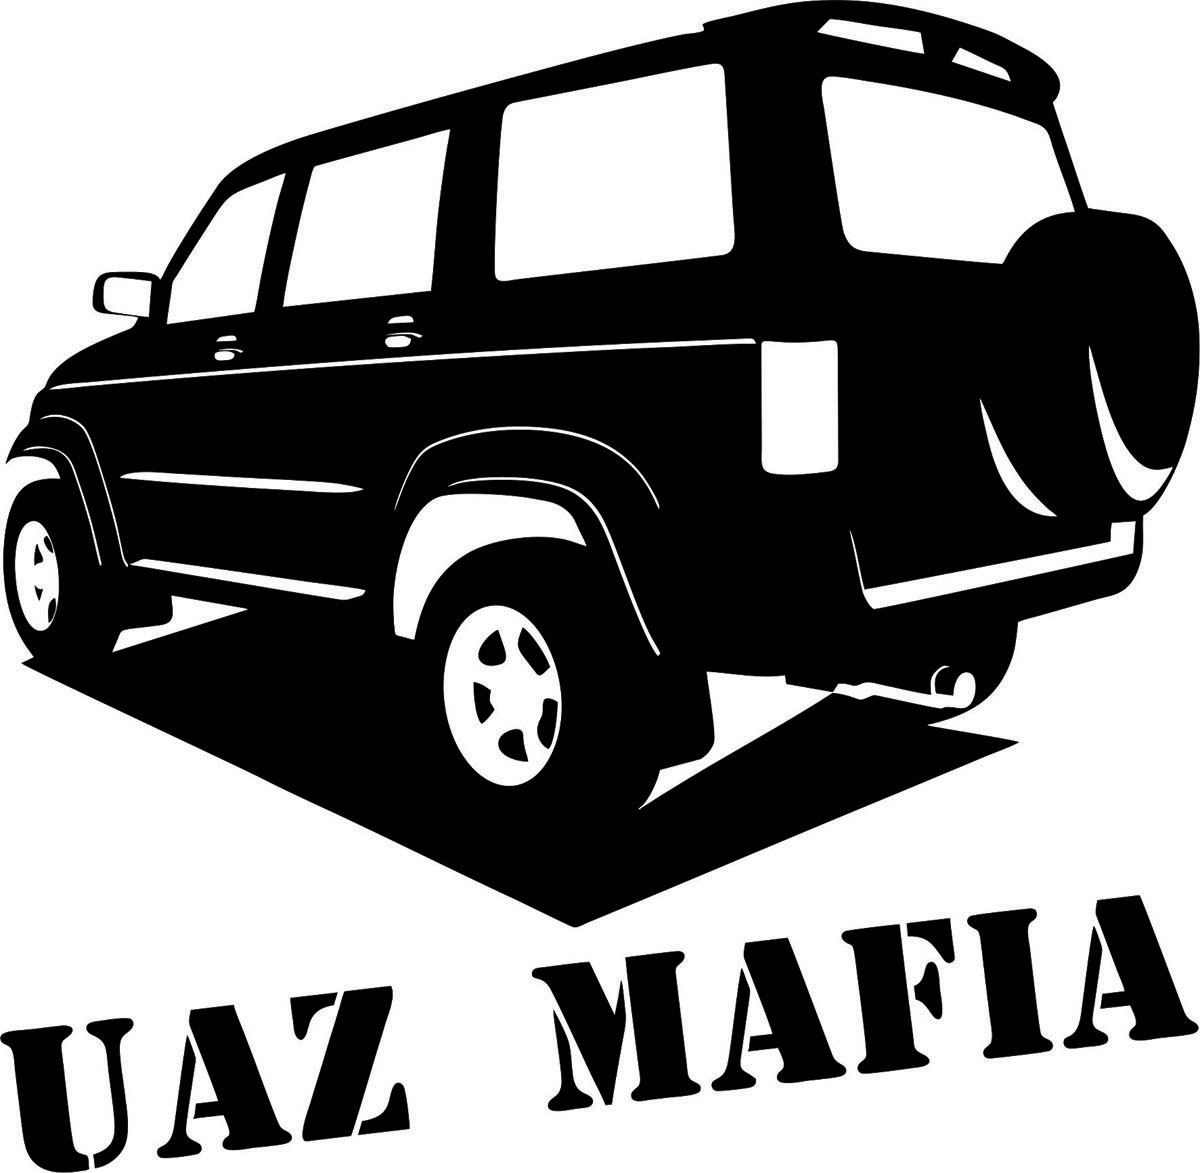 Наклейка автомобильная Оранжевый слоник UAZ Mafia, виниловая, цвет: черный1504400015BОригинальная наклейка Оранжевый слоник UAZ Mafia изготовлена из высококачественной виниловой пленки, которая выполняет не только декоративную функцию, но и защищает кузов автомобиля от небольших механических повреждений, либо скрывает уже существующие.Виниловые наклейки на автомобиль - это не только красиво, но еще и быстро! Всего за несколько минут вы можете полностью преобразить свой автомобиль, сделать его ярким, необычным, особенным и неповторимым!